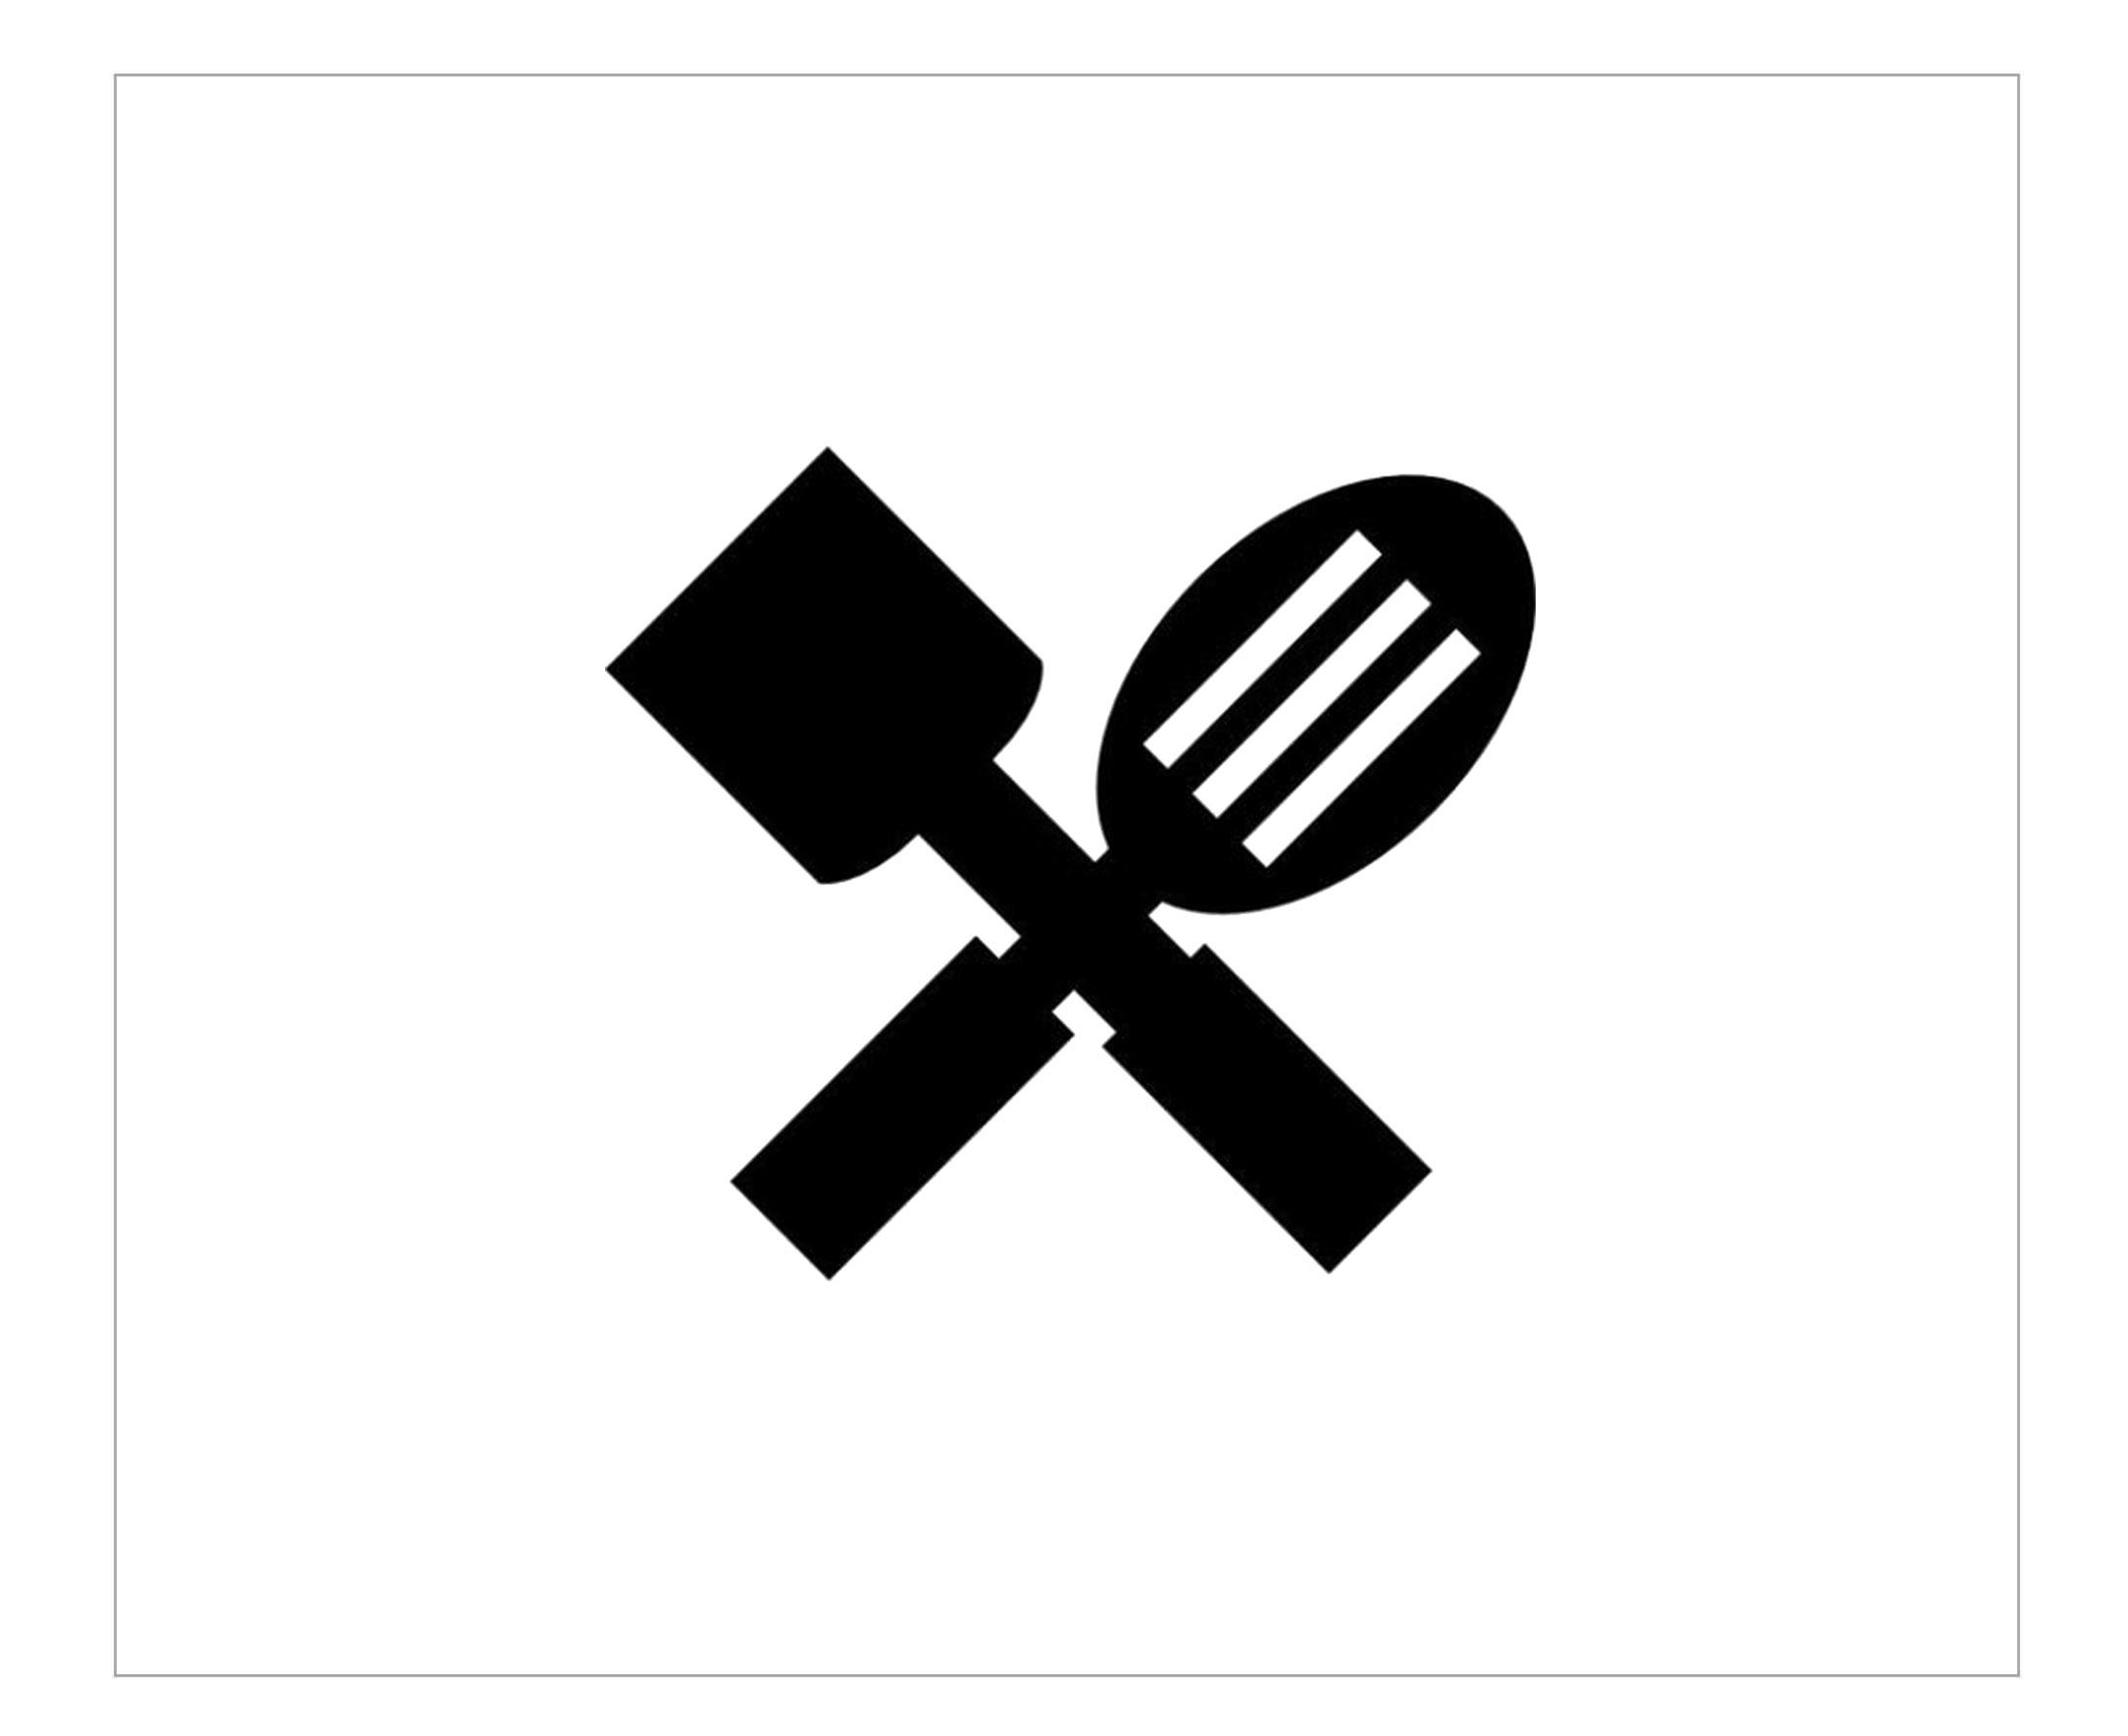 厨房洁具类商标